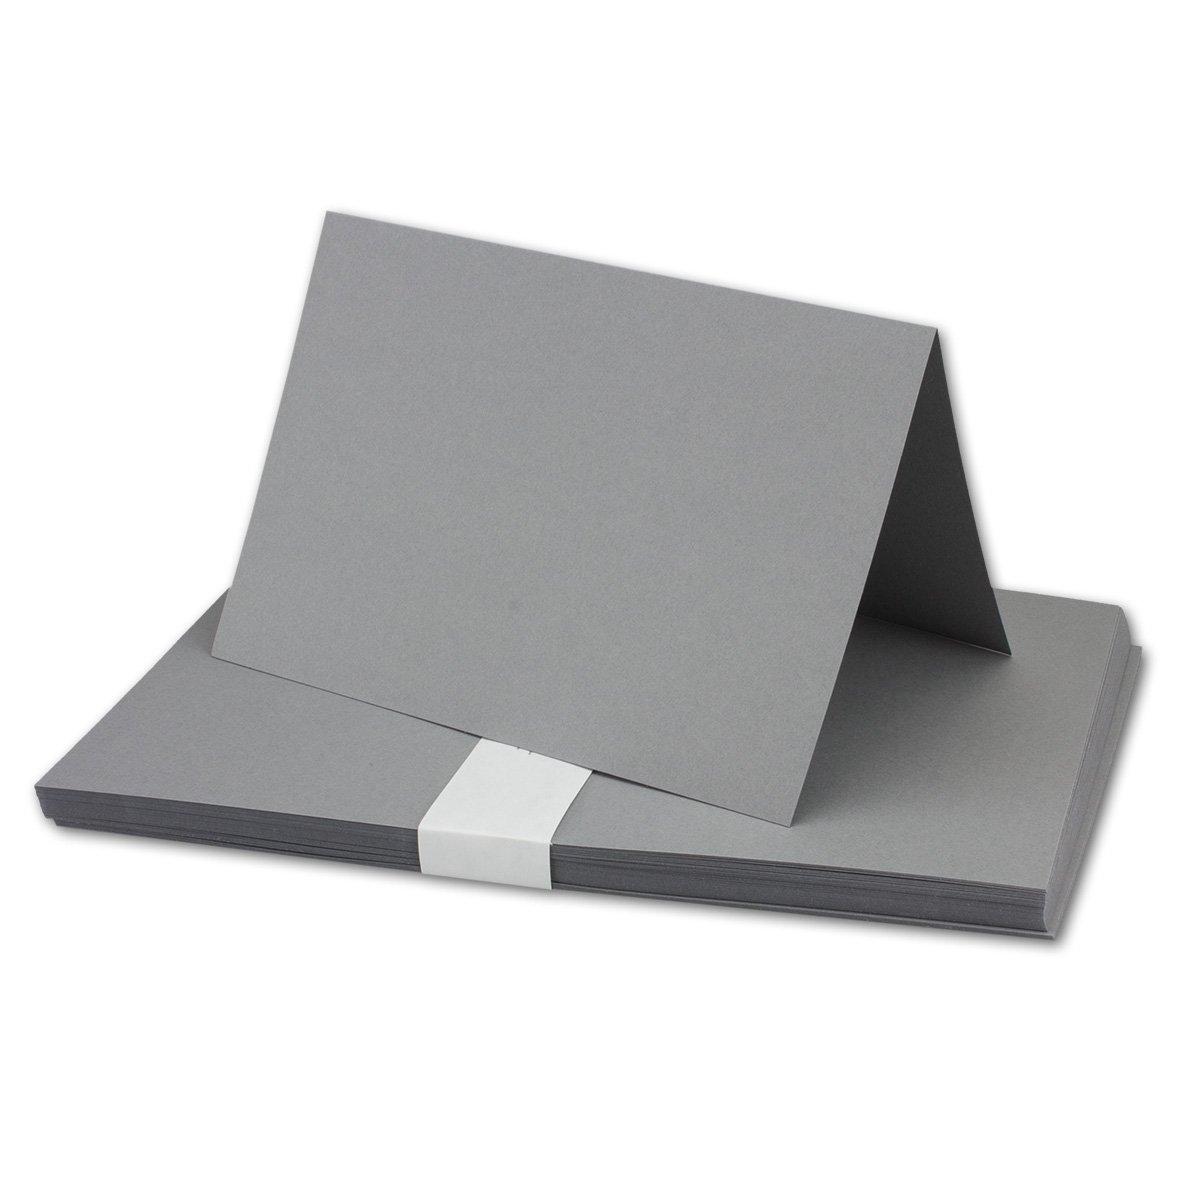 250x Falt-Karten DIN A6 Blanko Doppel-Karten in Hochweiß Kristallweiß -10,5 x 14,8 cm   Premium Qualität   FarbenFroh® B079VKRLTG | Shop Düsseldorf